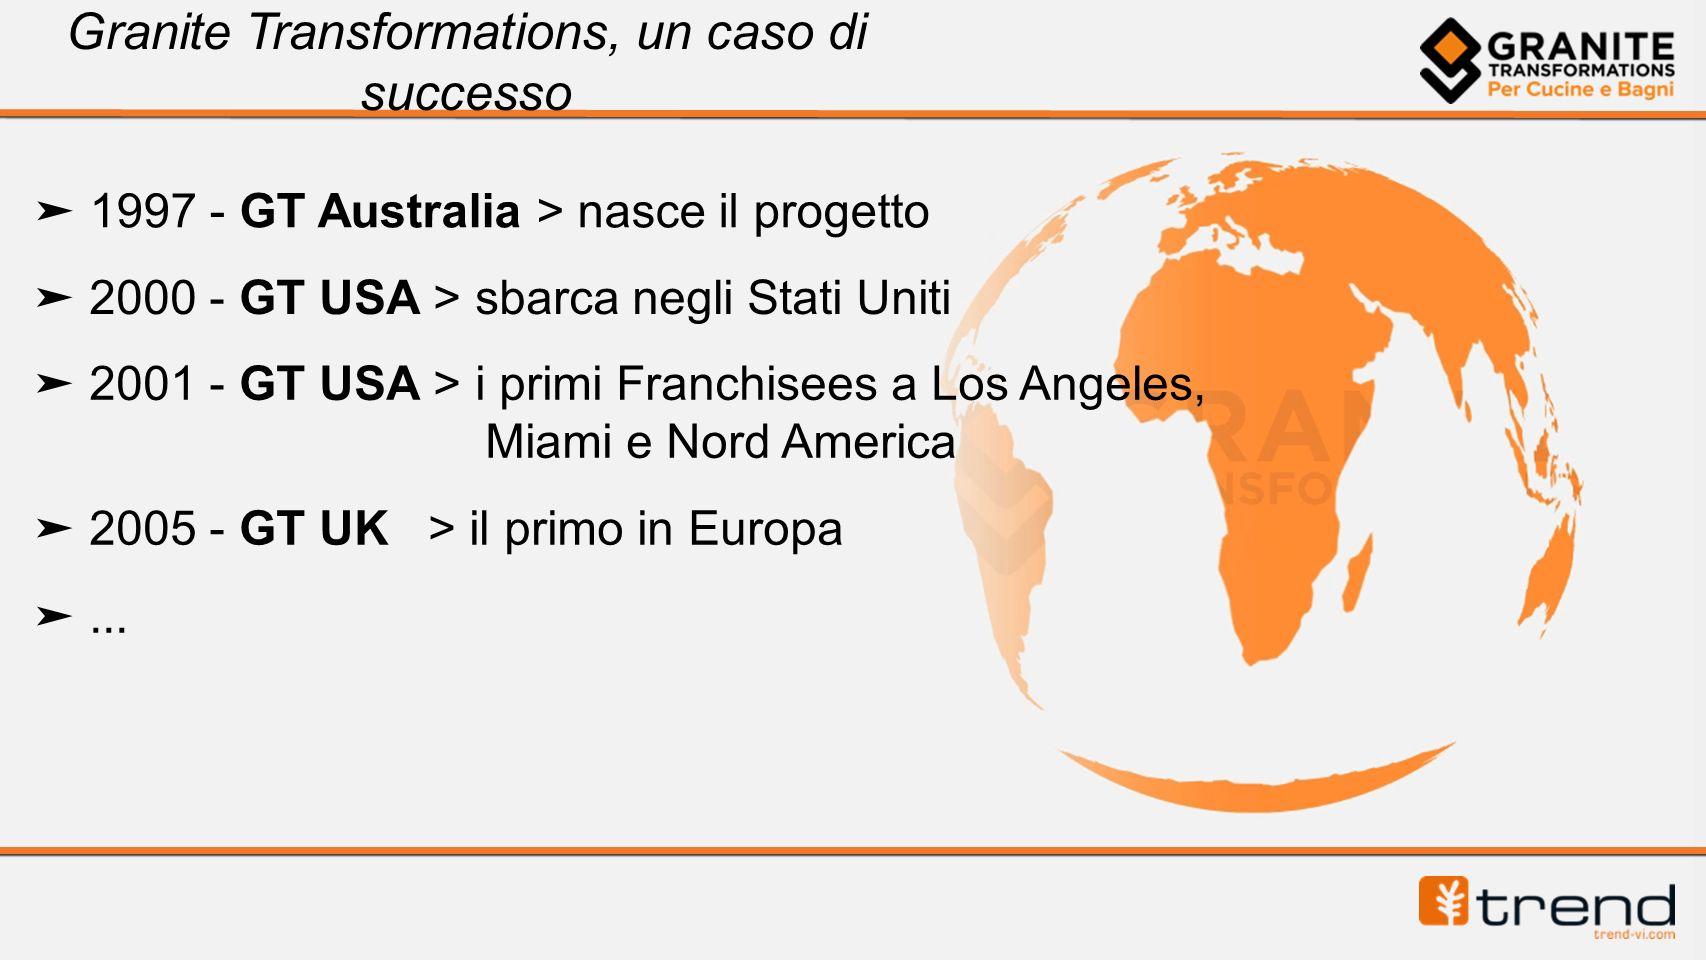 Granite Transformations, un caso di successo 1997 - GT Australia > nasce il progetto 2000 - GT USA > sbarca negli Stati Uniti 2001 - GT USA > i primi